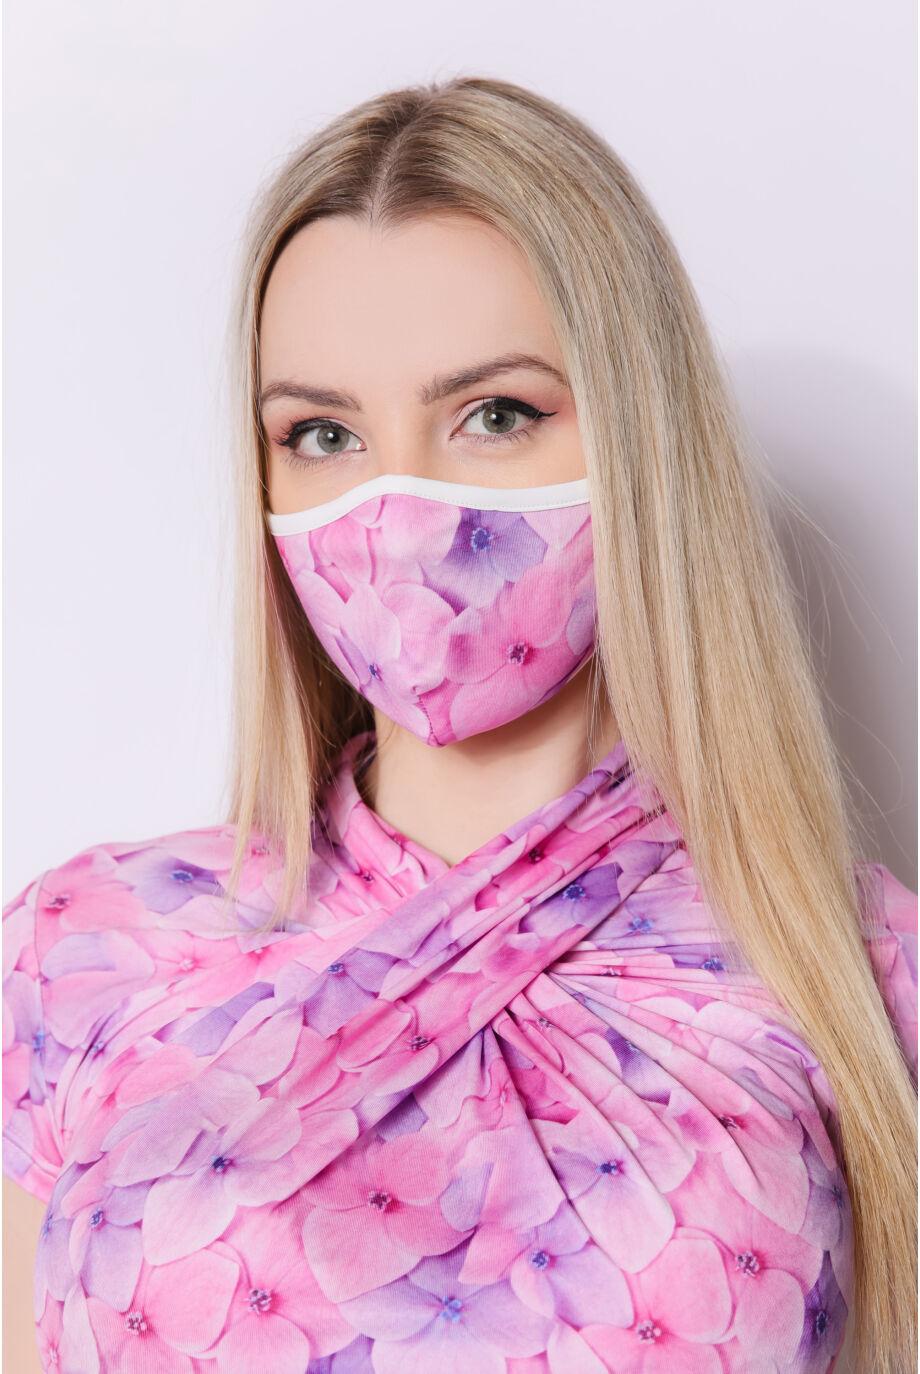 textil_virag_mintas_szajmaszk_arcmaszk_rozsa_pink_lila